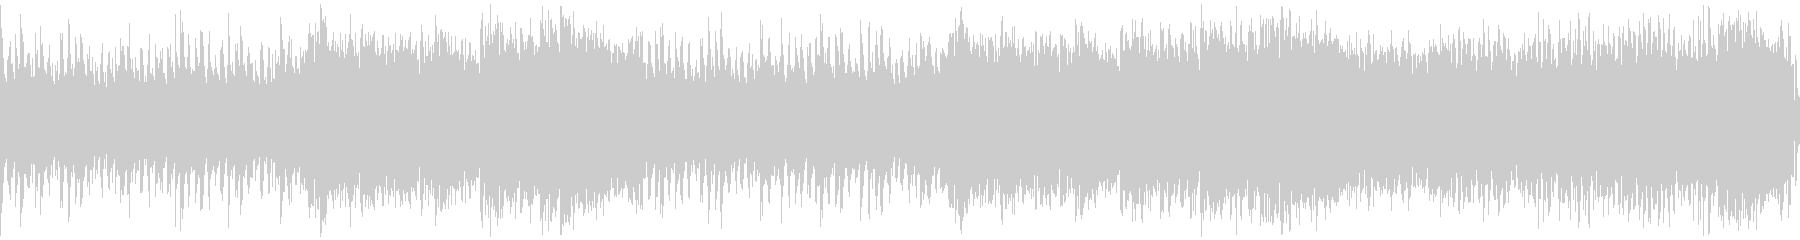 スピード感のあるサイバー戦闘曲・ループの未再生の波形